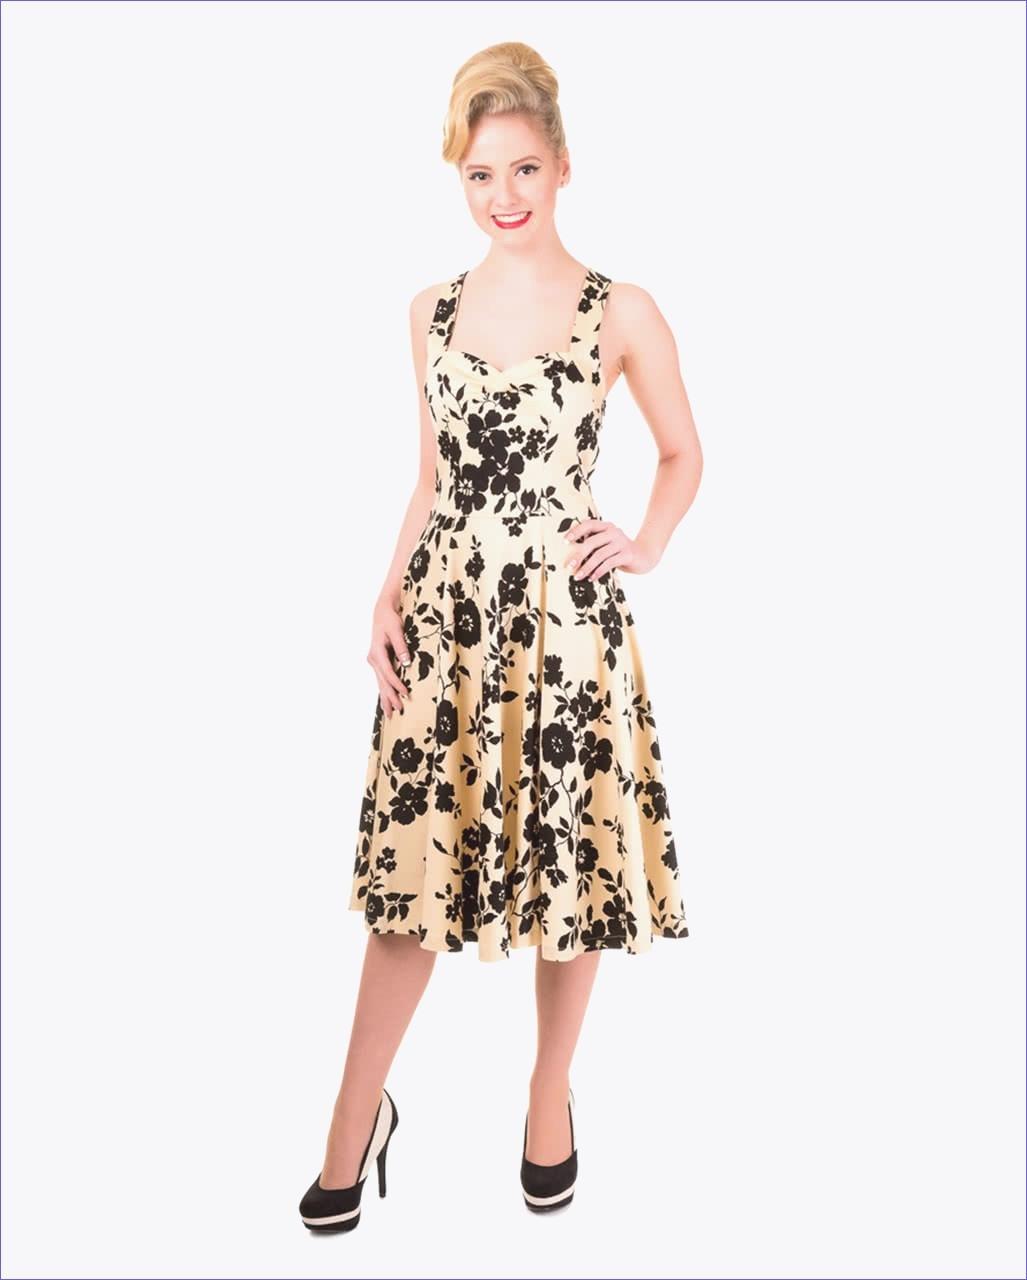 Designer Ausgezeichnet Elegante Kleider Für Hochzeit Ärmel20 Erstaunlich Elegante Kleider Für Hochzeit für 2019